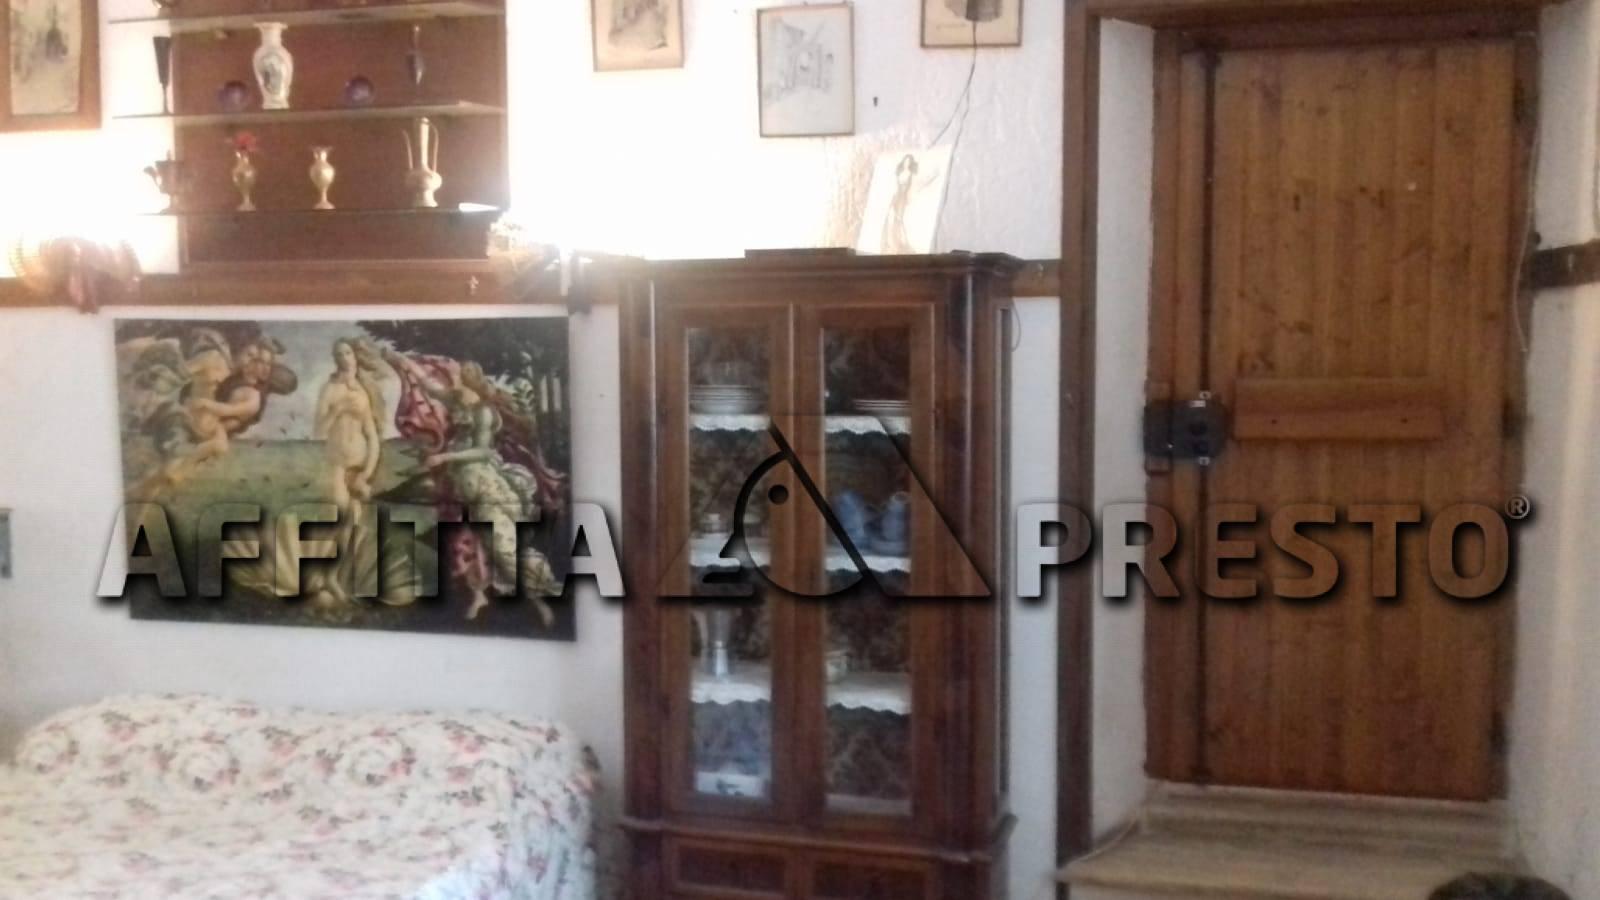 Appartamento in affitto a Manciano, 1 locali, zona Zona: Montemerano, prezzo € 400 | CambioCasa.it